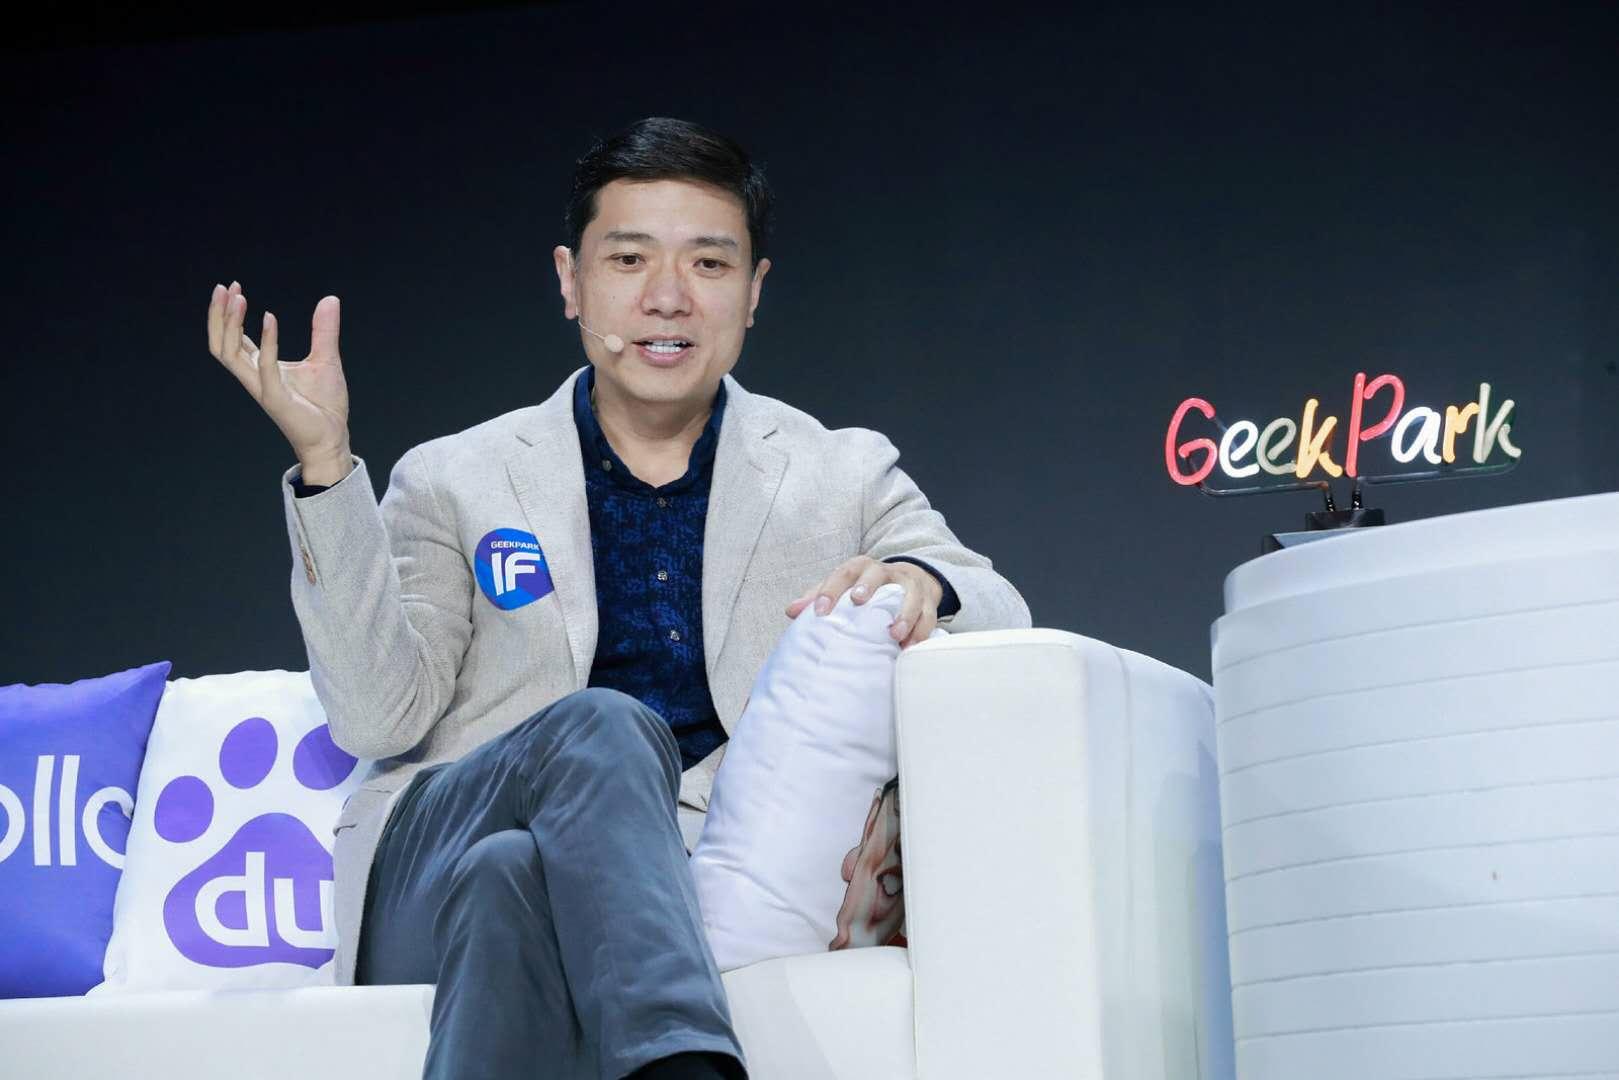 李彦宏谈百度信息流:看到问题是解决问题的第一步